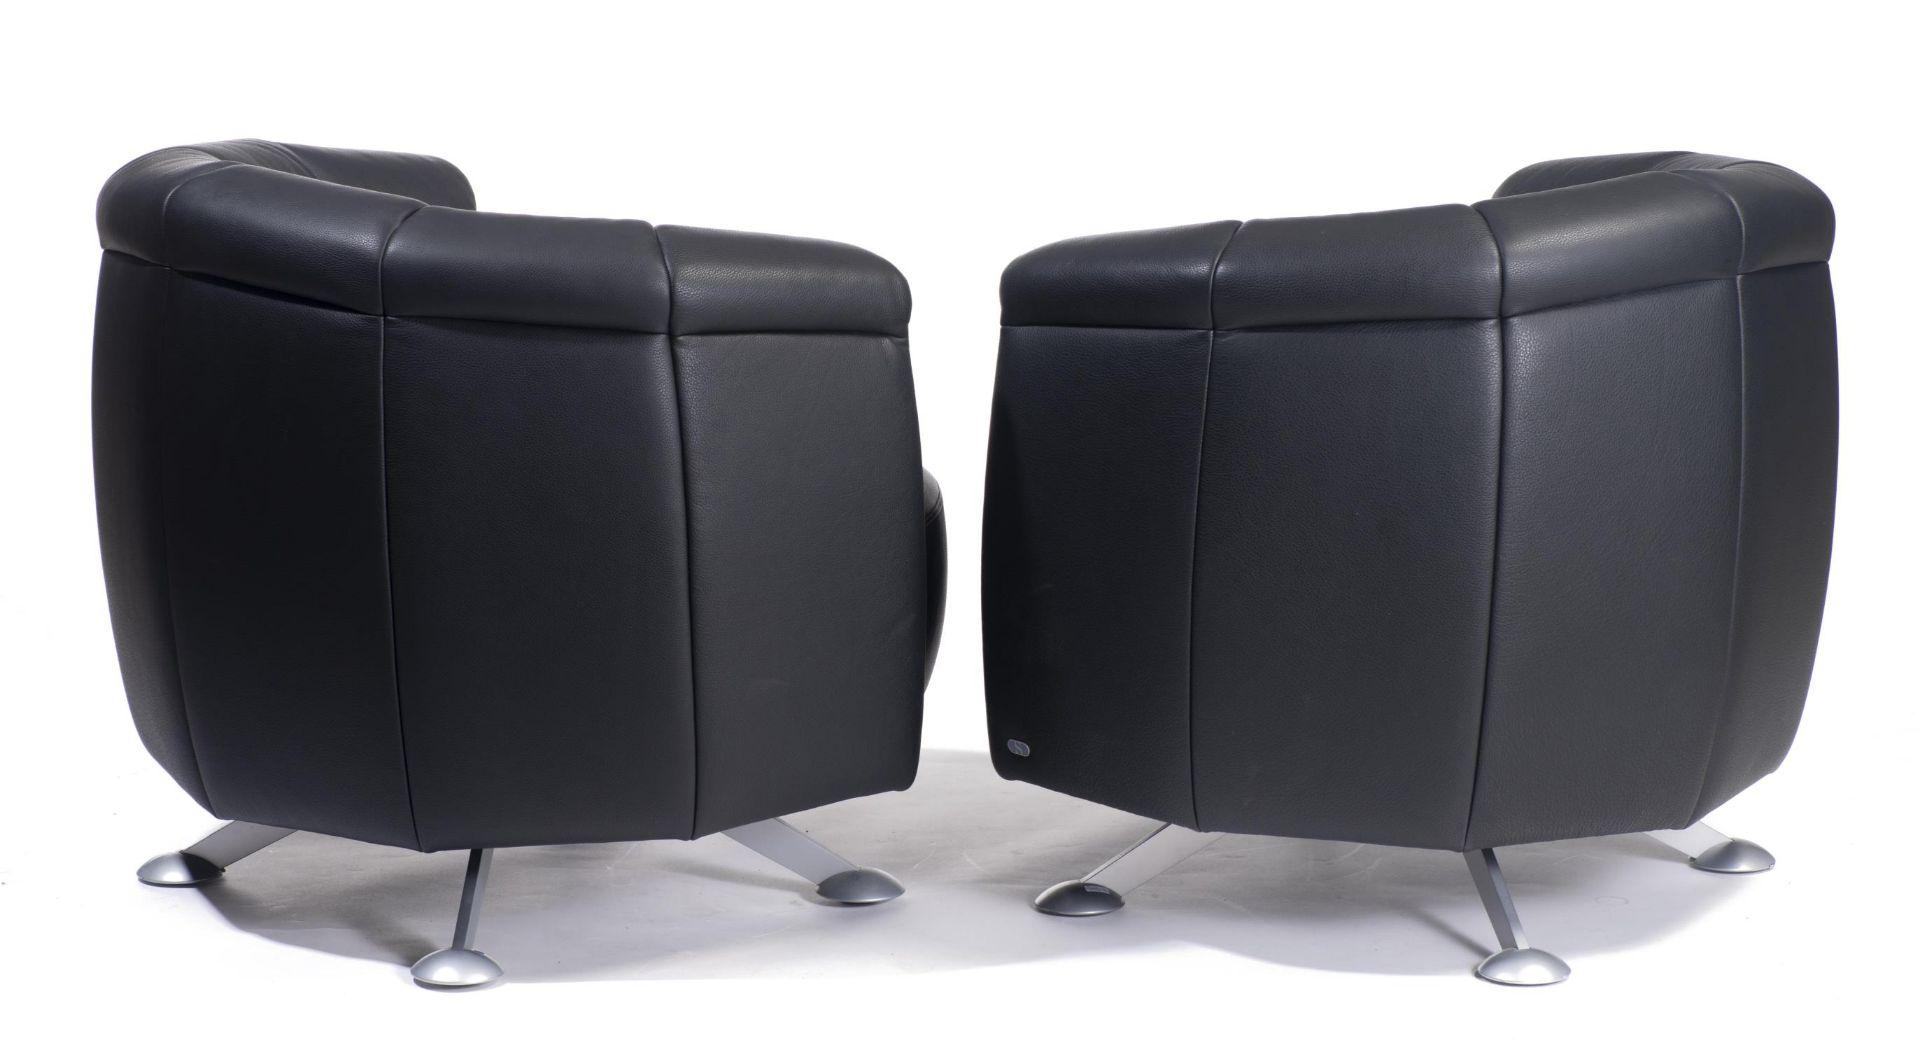 Hugo de Ruiter, deux fauteuils De Sède, modèle DS-164 - Bild 2 aus 3